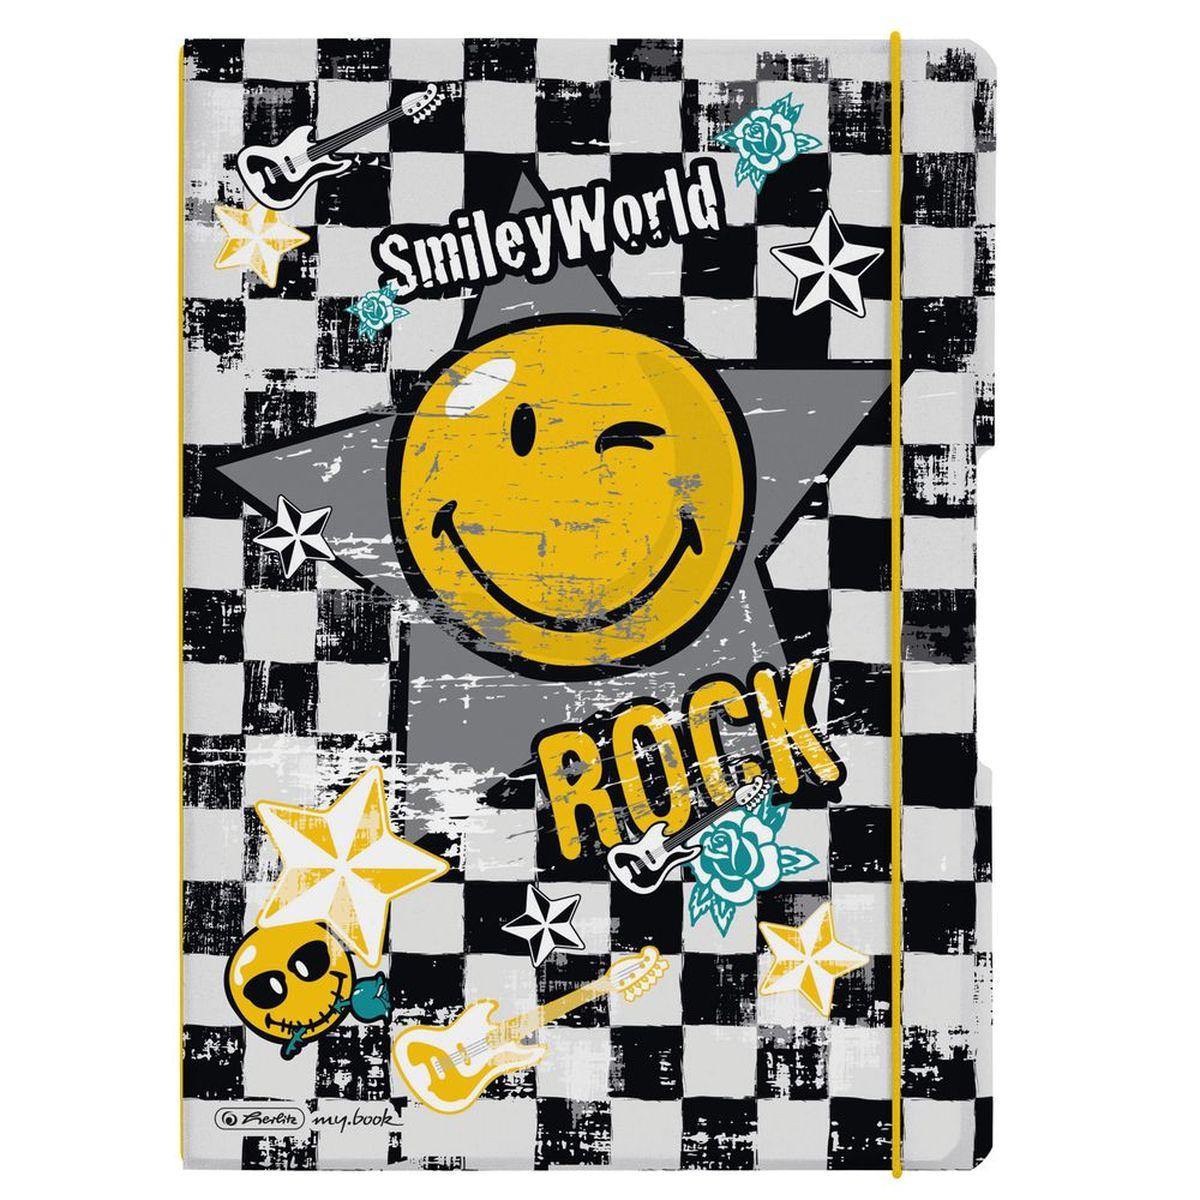 """Herlitz Блокнот my.book Flex Smiley Rock 80 листов в клетку/линейку11361623Комбинируемый блокнот от Herlitz my.book Flex Smiley Rock подойдет для любого случая: в университете, в школе, дома или в офисе. Получите ежедневную дозу Рок н ролла с новой дизайнерской серией Smiley World! Клевые и прикольные смайлы, «шахматный» дизайн, а также различные детали рок-культуры, такие как гитары или розы, стилизованные под тату, привлекут внимание любого подростка. Благодаря разным бумажным сменным блокам, а также эластичным резинкам и креплению блокнот my.book всегда остается уникальным и разнообразным. С помощью наборов эластичных резинок вы можете немного менять внешний вид своего блокнота my.book flex каждый день. При желании вы можете просто продолжать использовать свою любимую обложку, потому что с бумажными блоками всегда есть, где писать. Пластиковый блокнот my.book flex завоюет ваше сердце. Пластиковая версия блокнота формата A4 имеет еще одно преимущество: уникальная система """"2-в-1"""". В отличие от обычных..."""